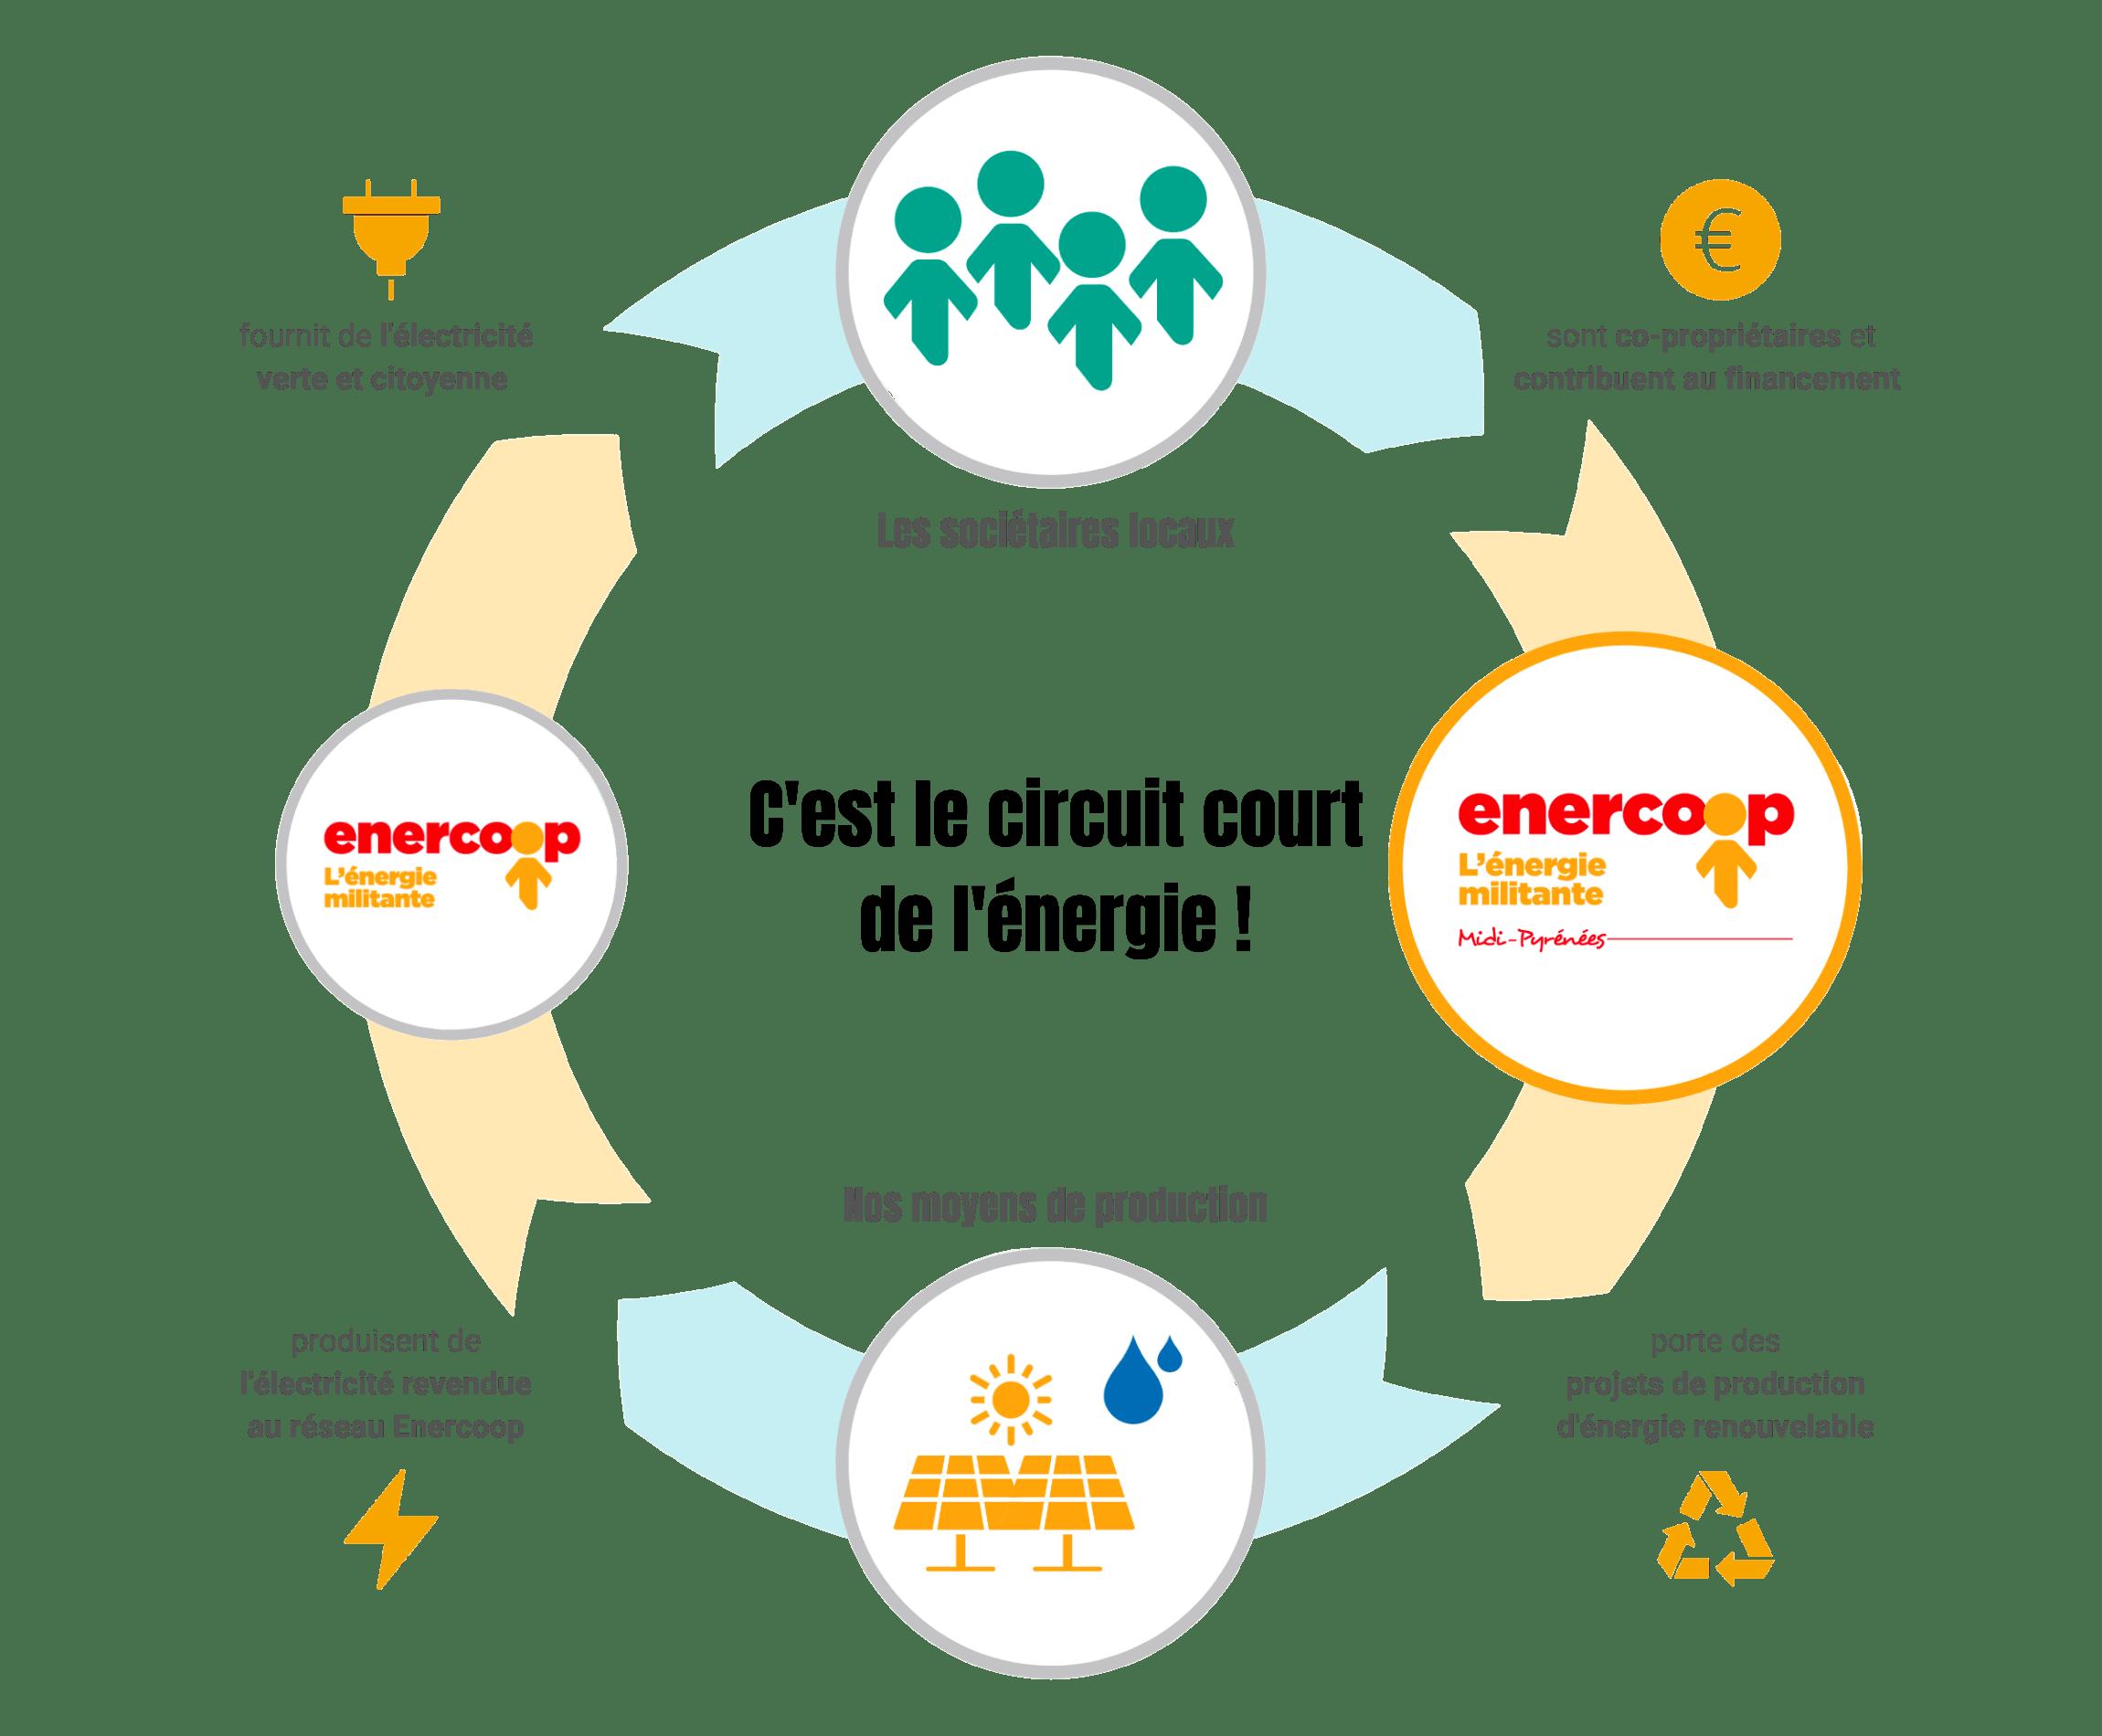 Schéma du circuit court de l'énergie